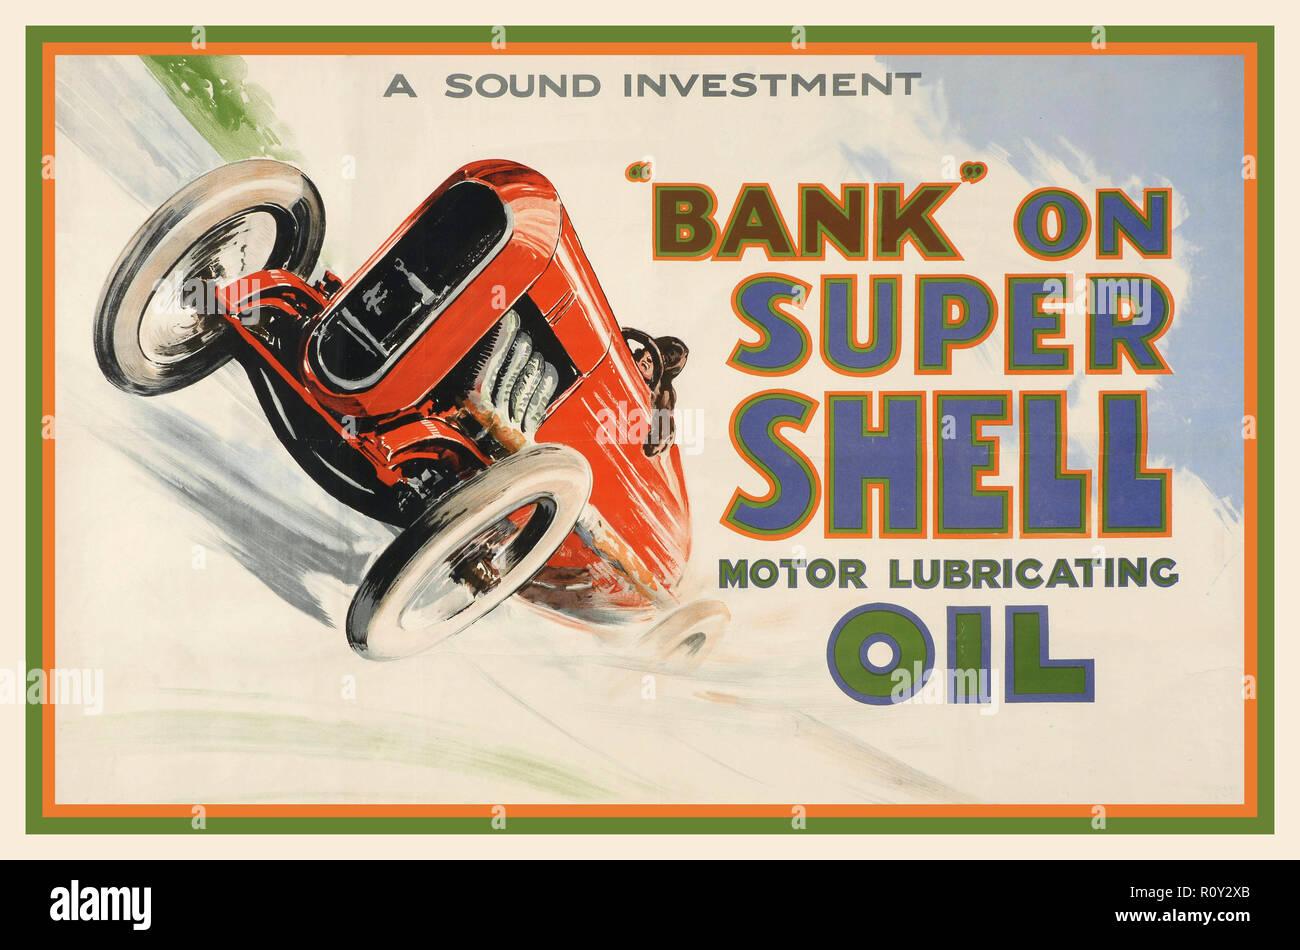 """SHELL OIL 1924 Vintage Werbung von artist Norman Keene war schon früh ein Poster Förderung des Einsatzes von Shell Öl während der Ära der glamourösen """"Roaring Twenties"""" des Motorsports. Stockbild"""